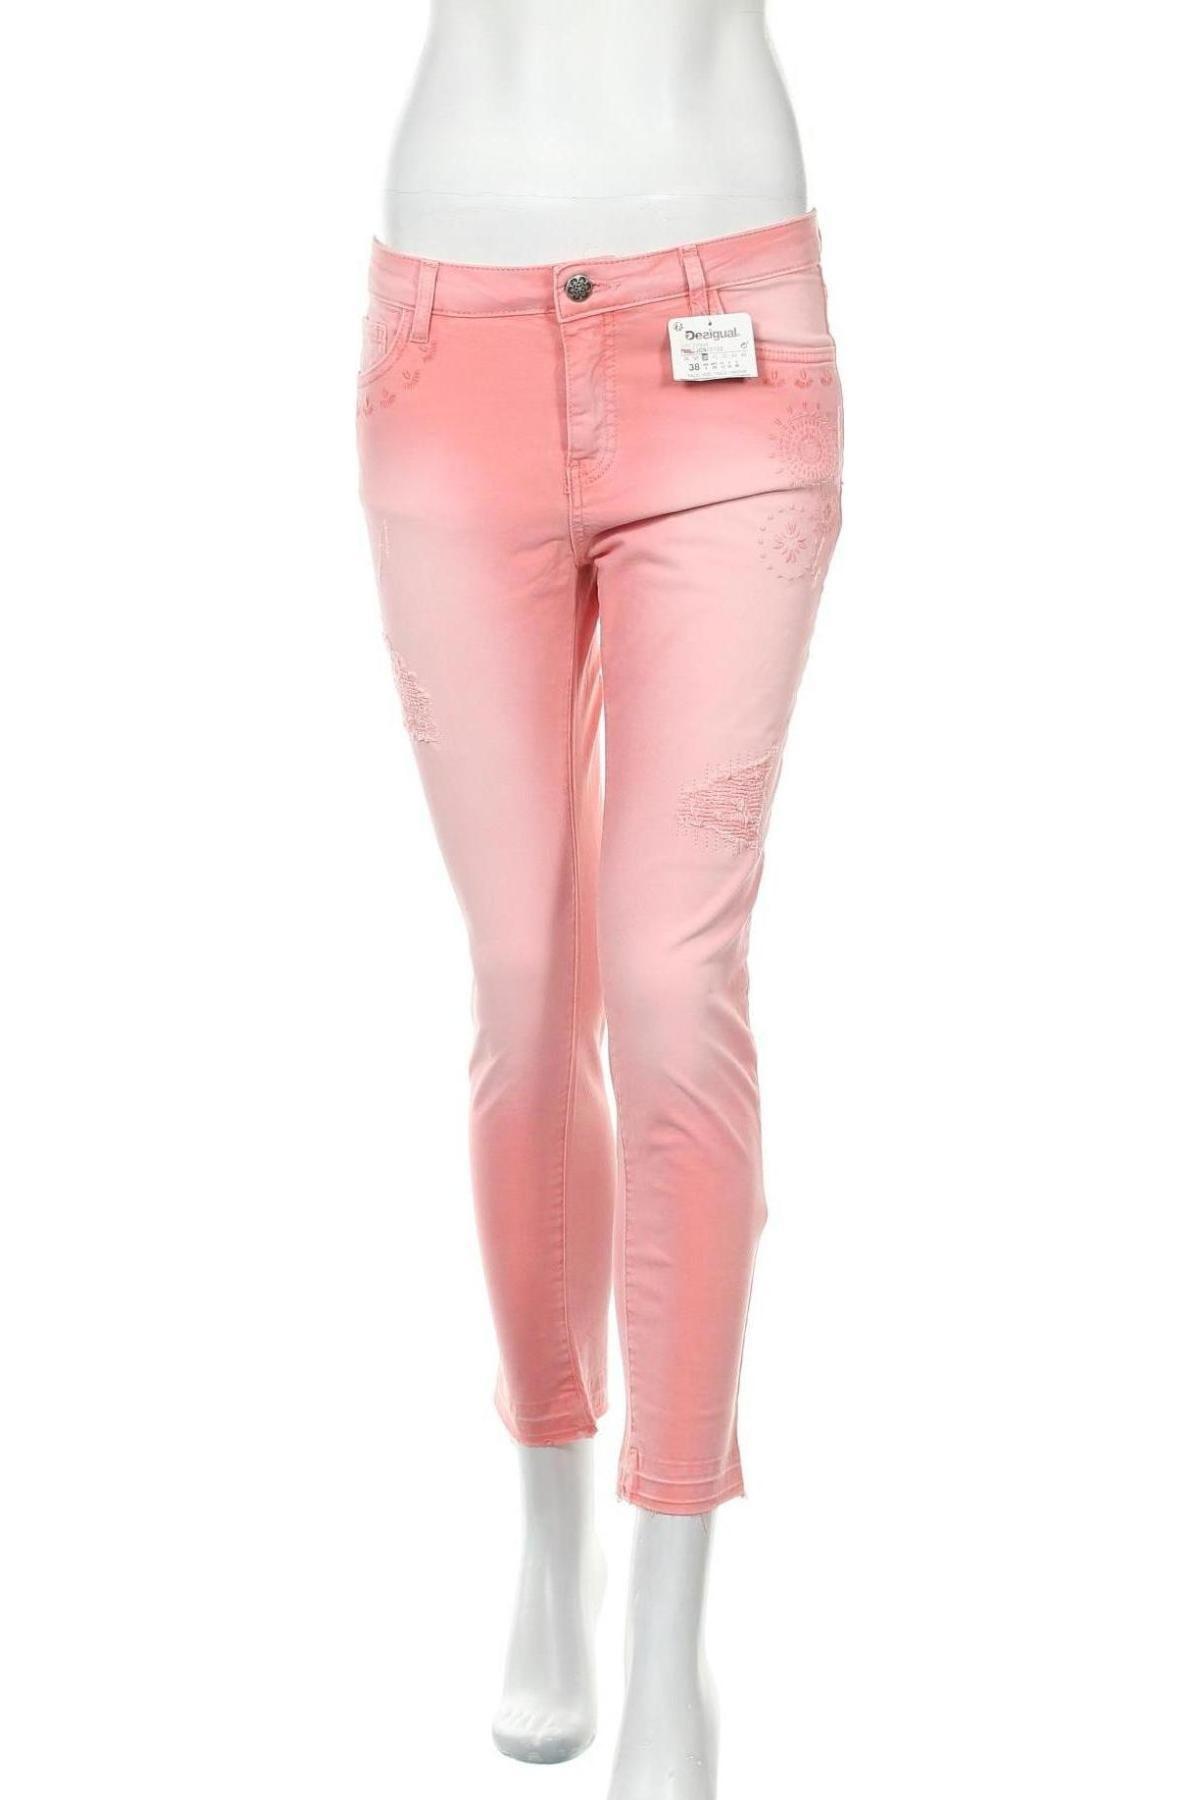 Дамски дънки Desigual, Размер S, Цвят Розов, 97% памук, 3% еластан, Цена 44,52лв.